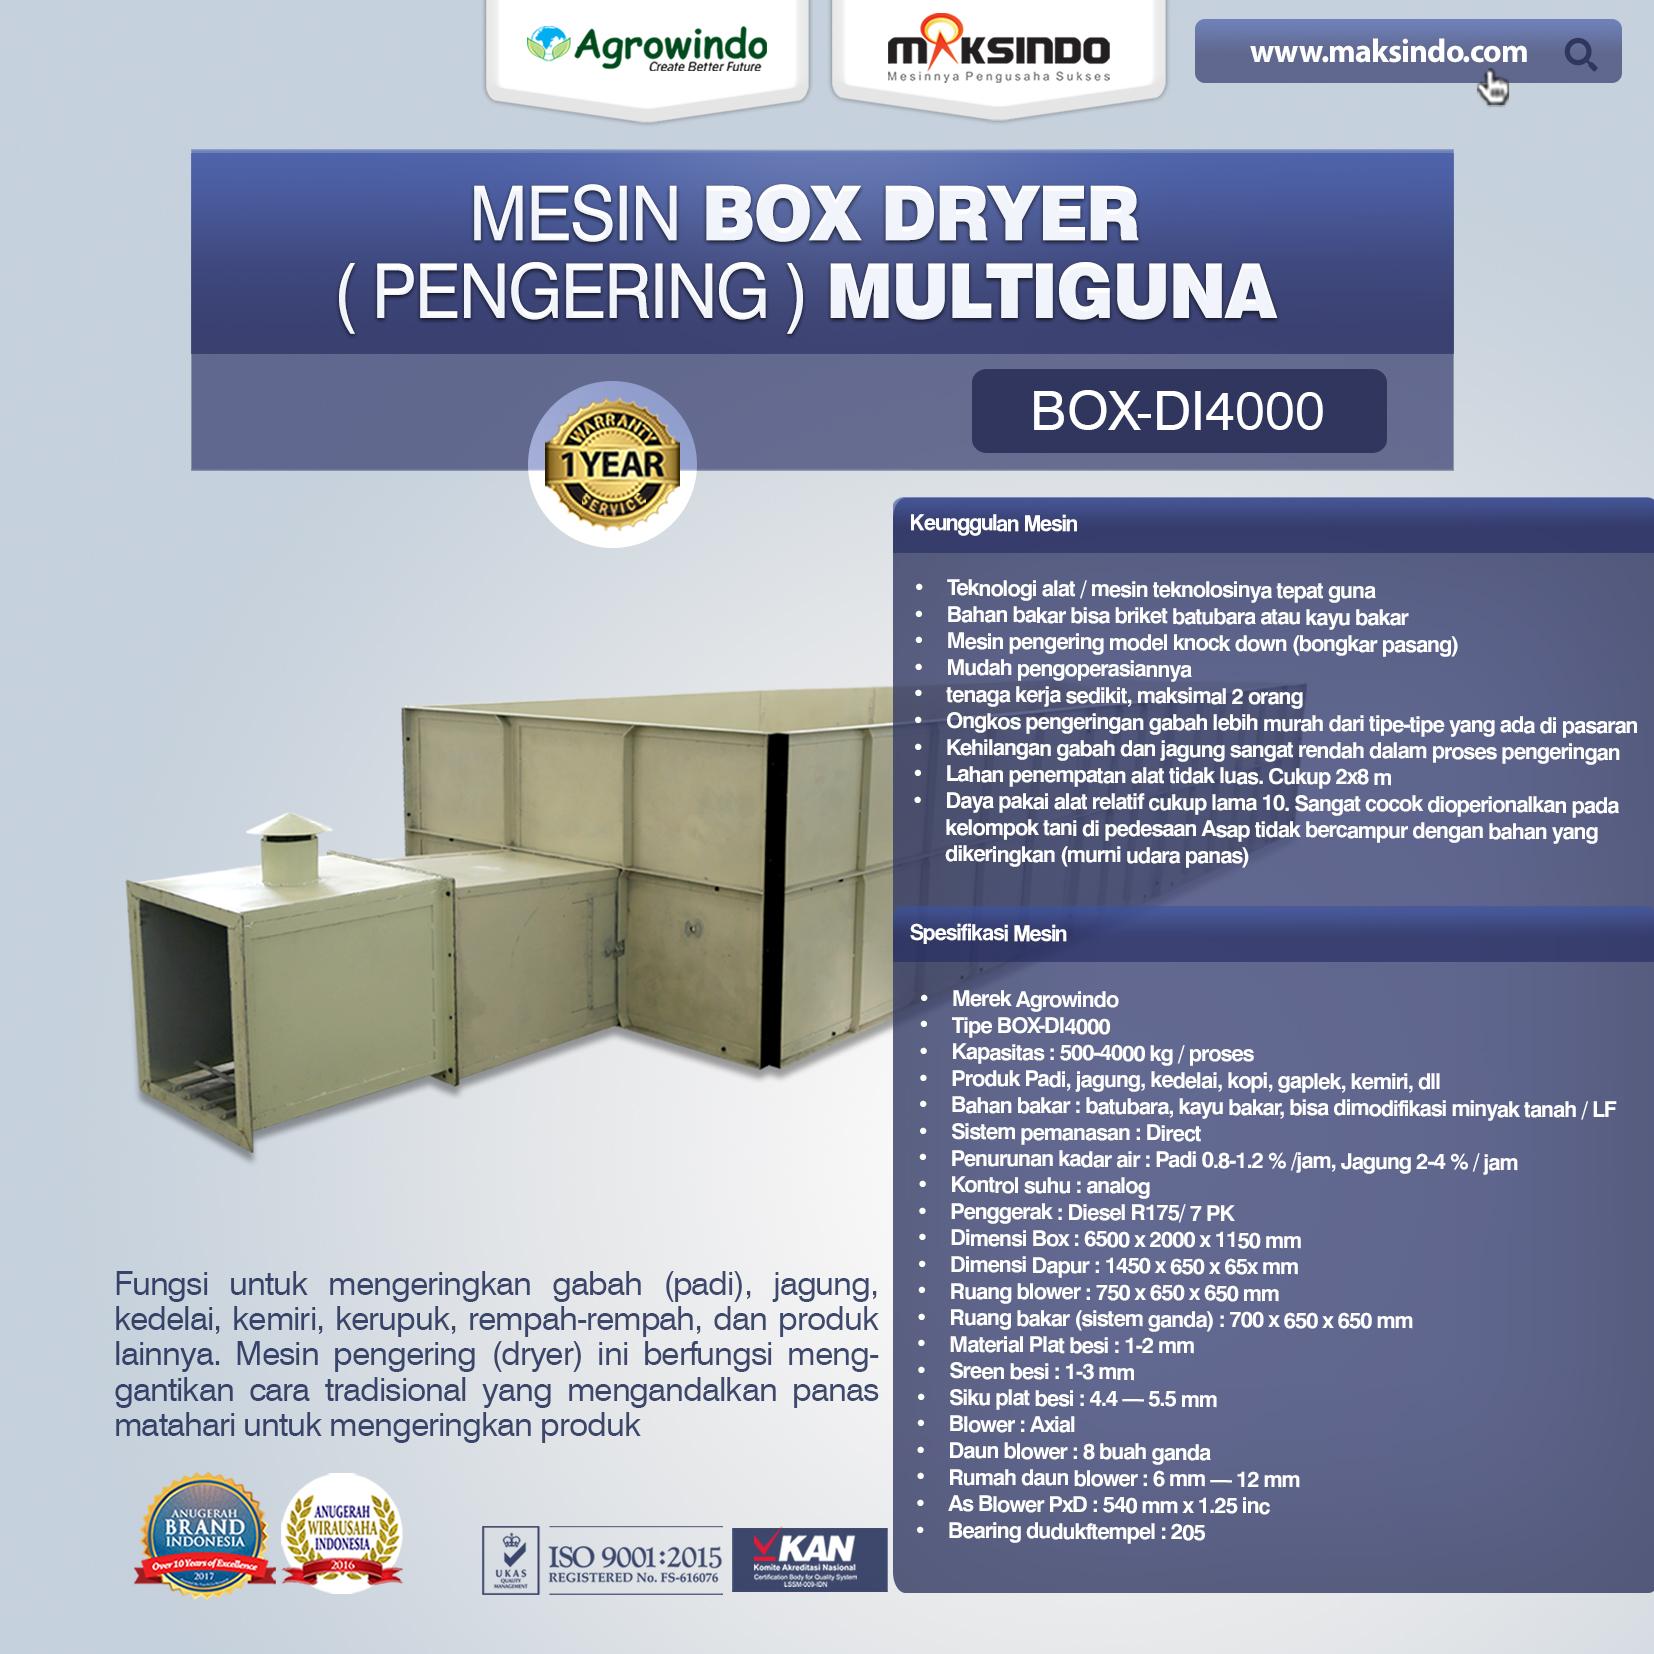 Jual Mesin Box Dryer Multiguna di Jakarta